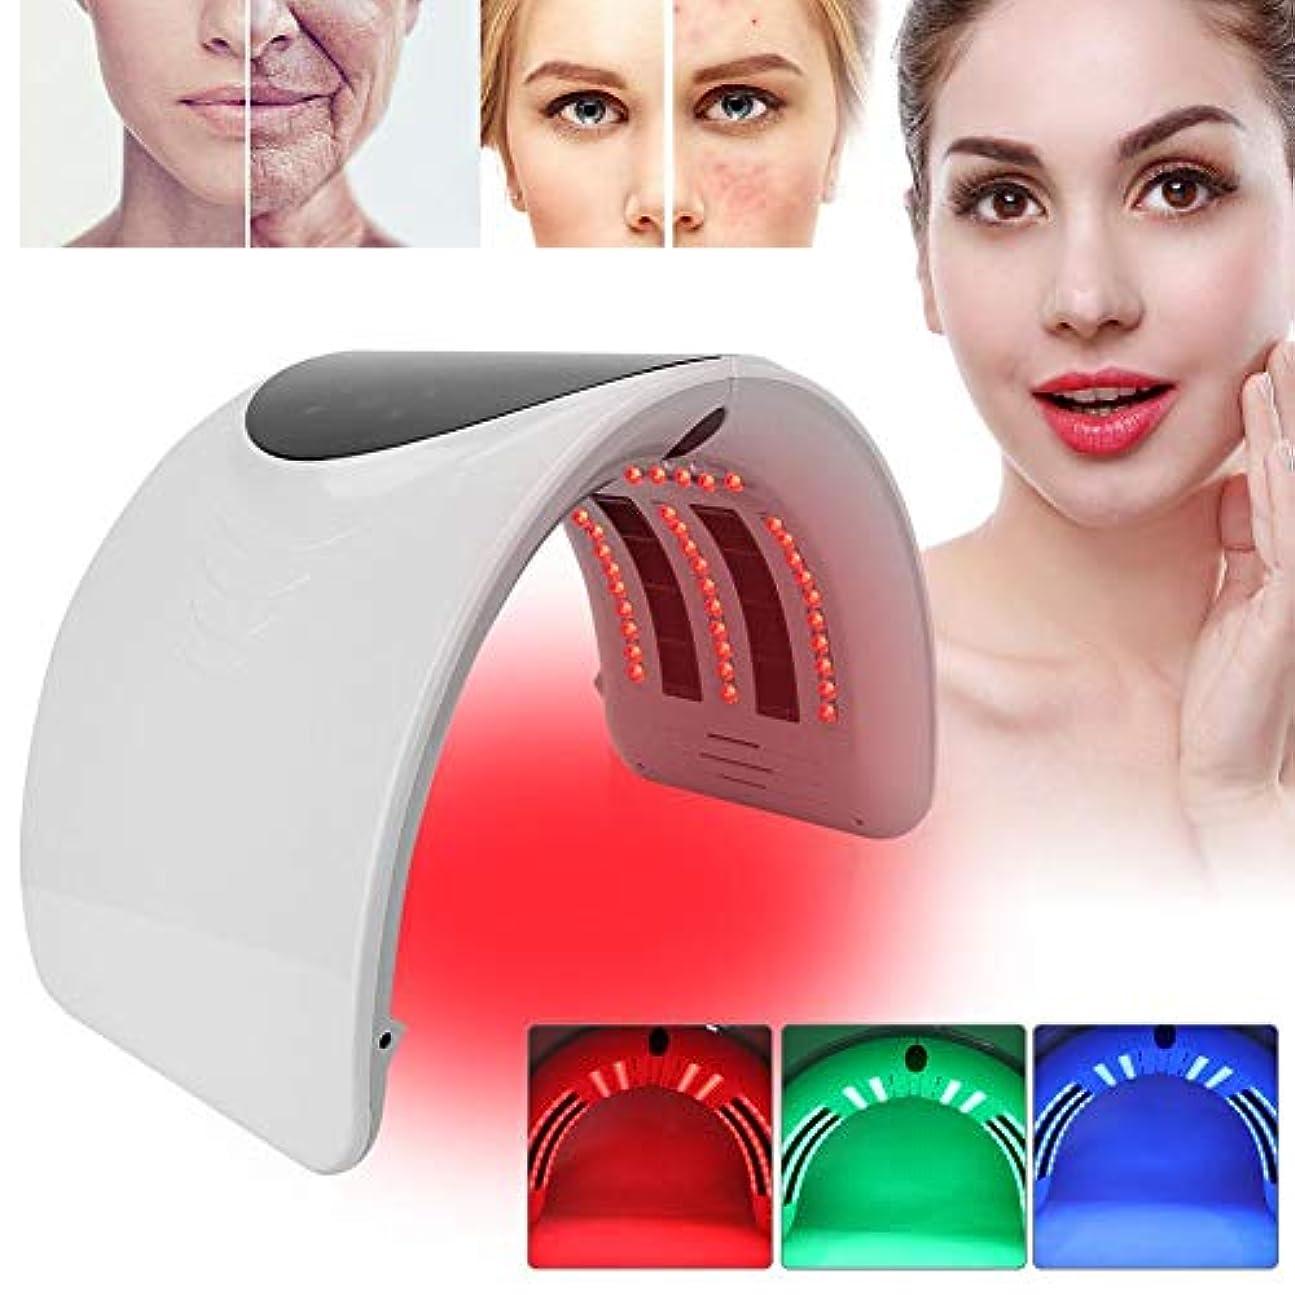 探す電話降ろすPDTの軽い療法の美顔術機械、6色の新しい折り畳み式アクネの取り外しのスキンケアの処置機械(01)